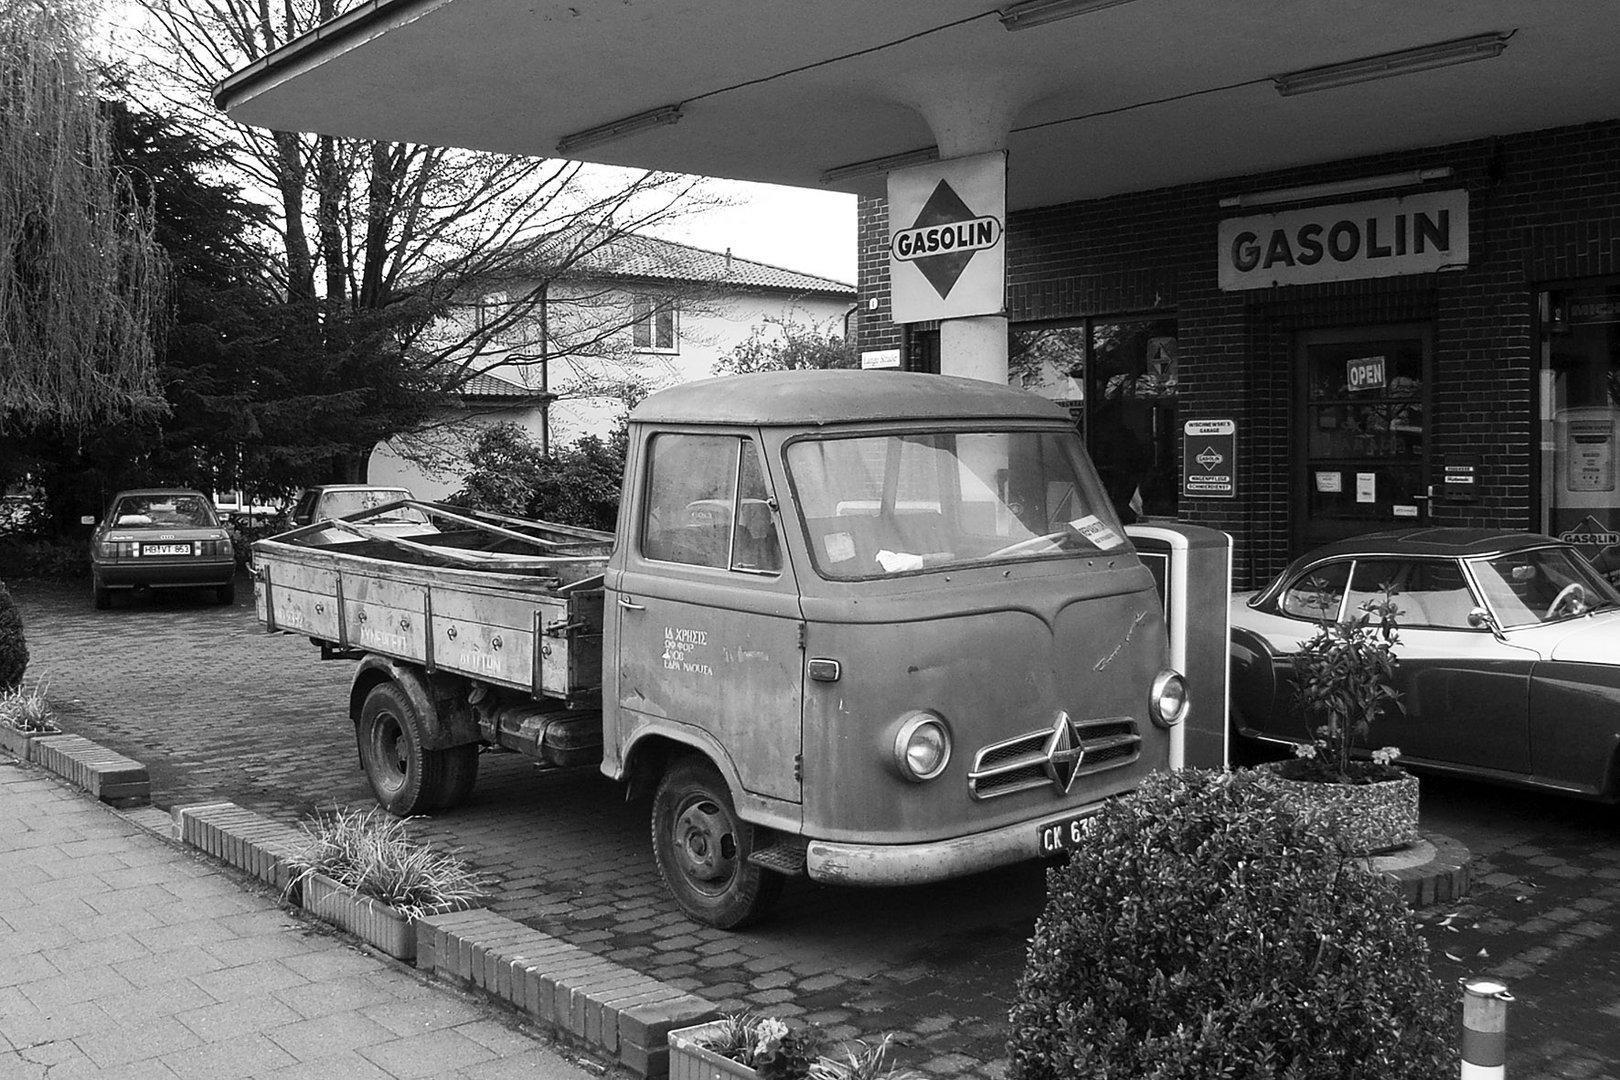 Borgward LKW - Pritsche